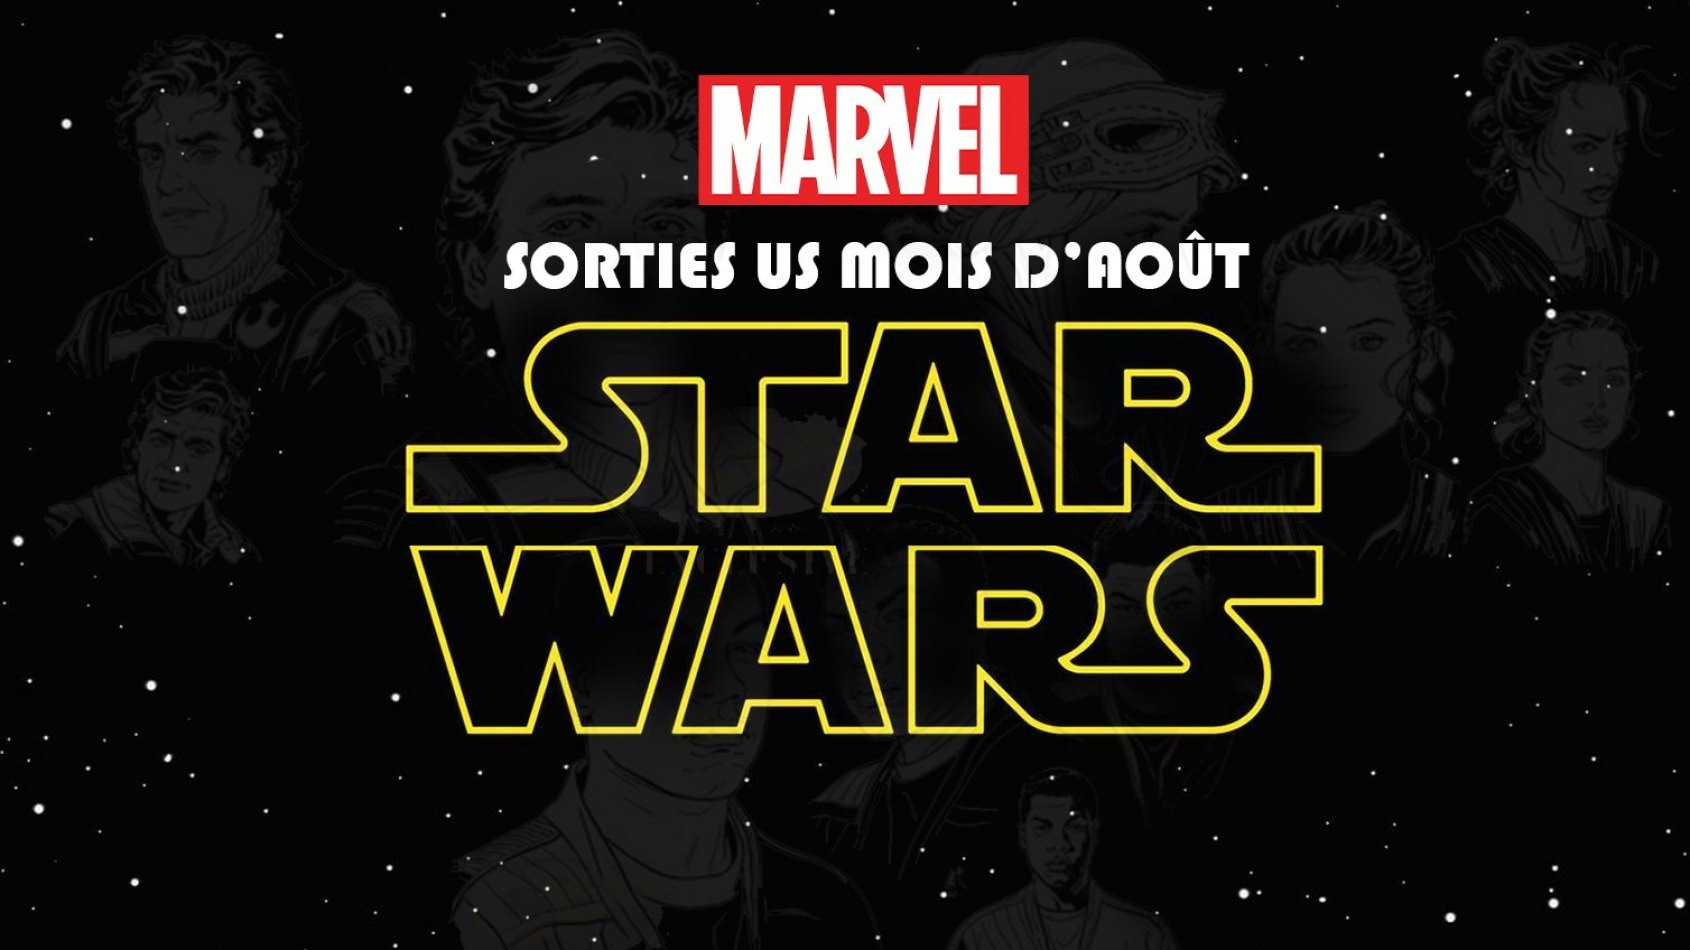 Les sorties Marvel pour le mois d'août [US]